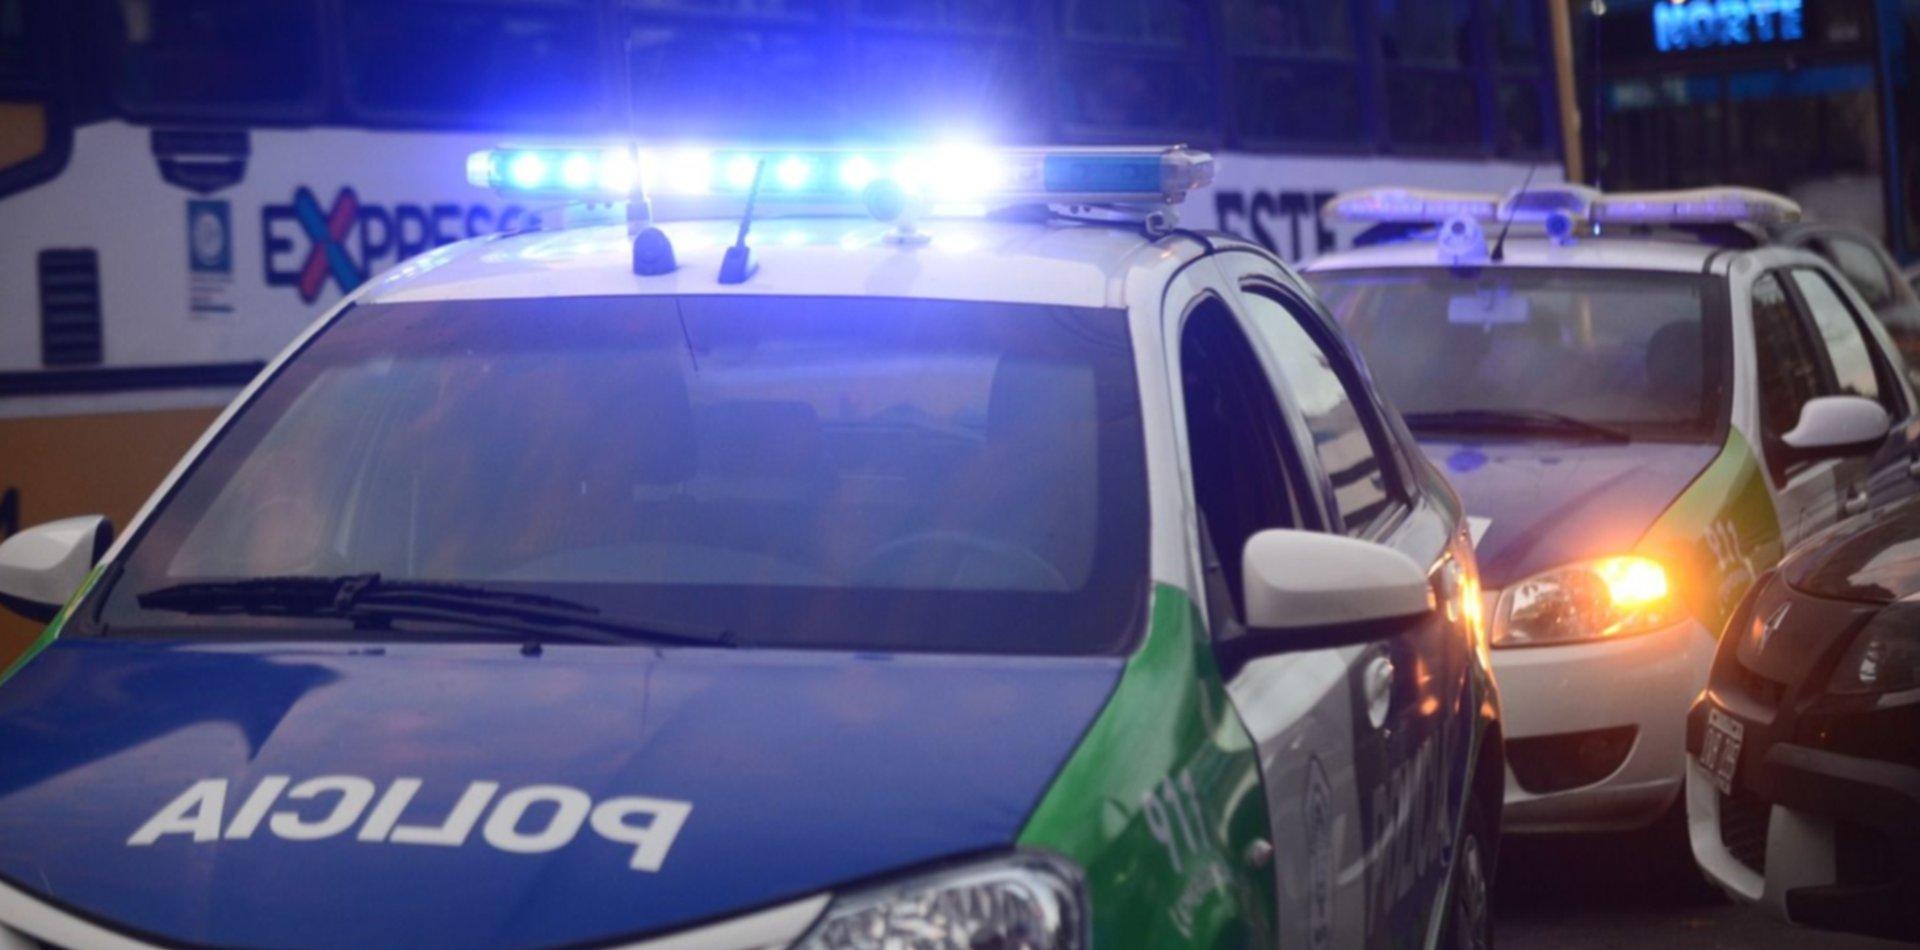 Violento robo a un repartidor en La Plata: le gatillaron dos veces para quitarle la moto